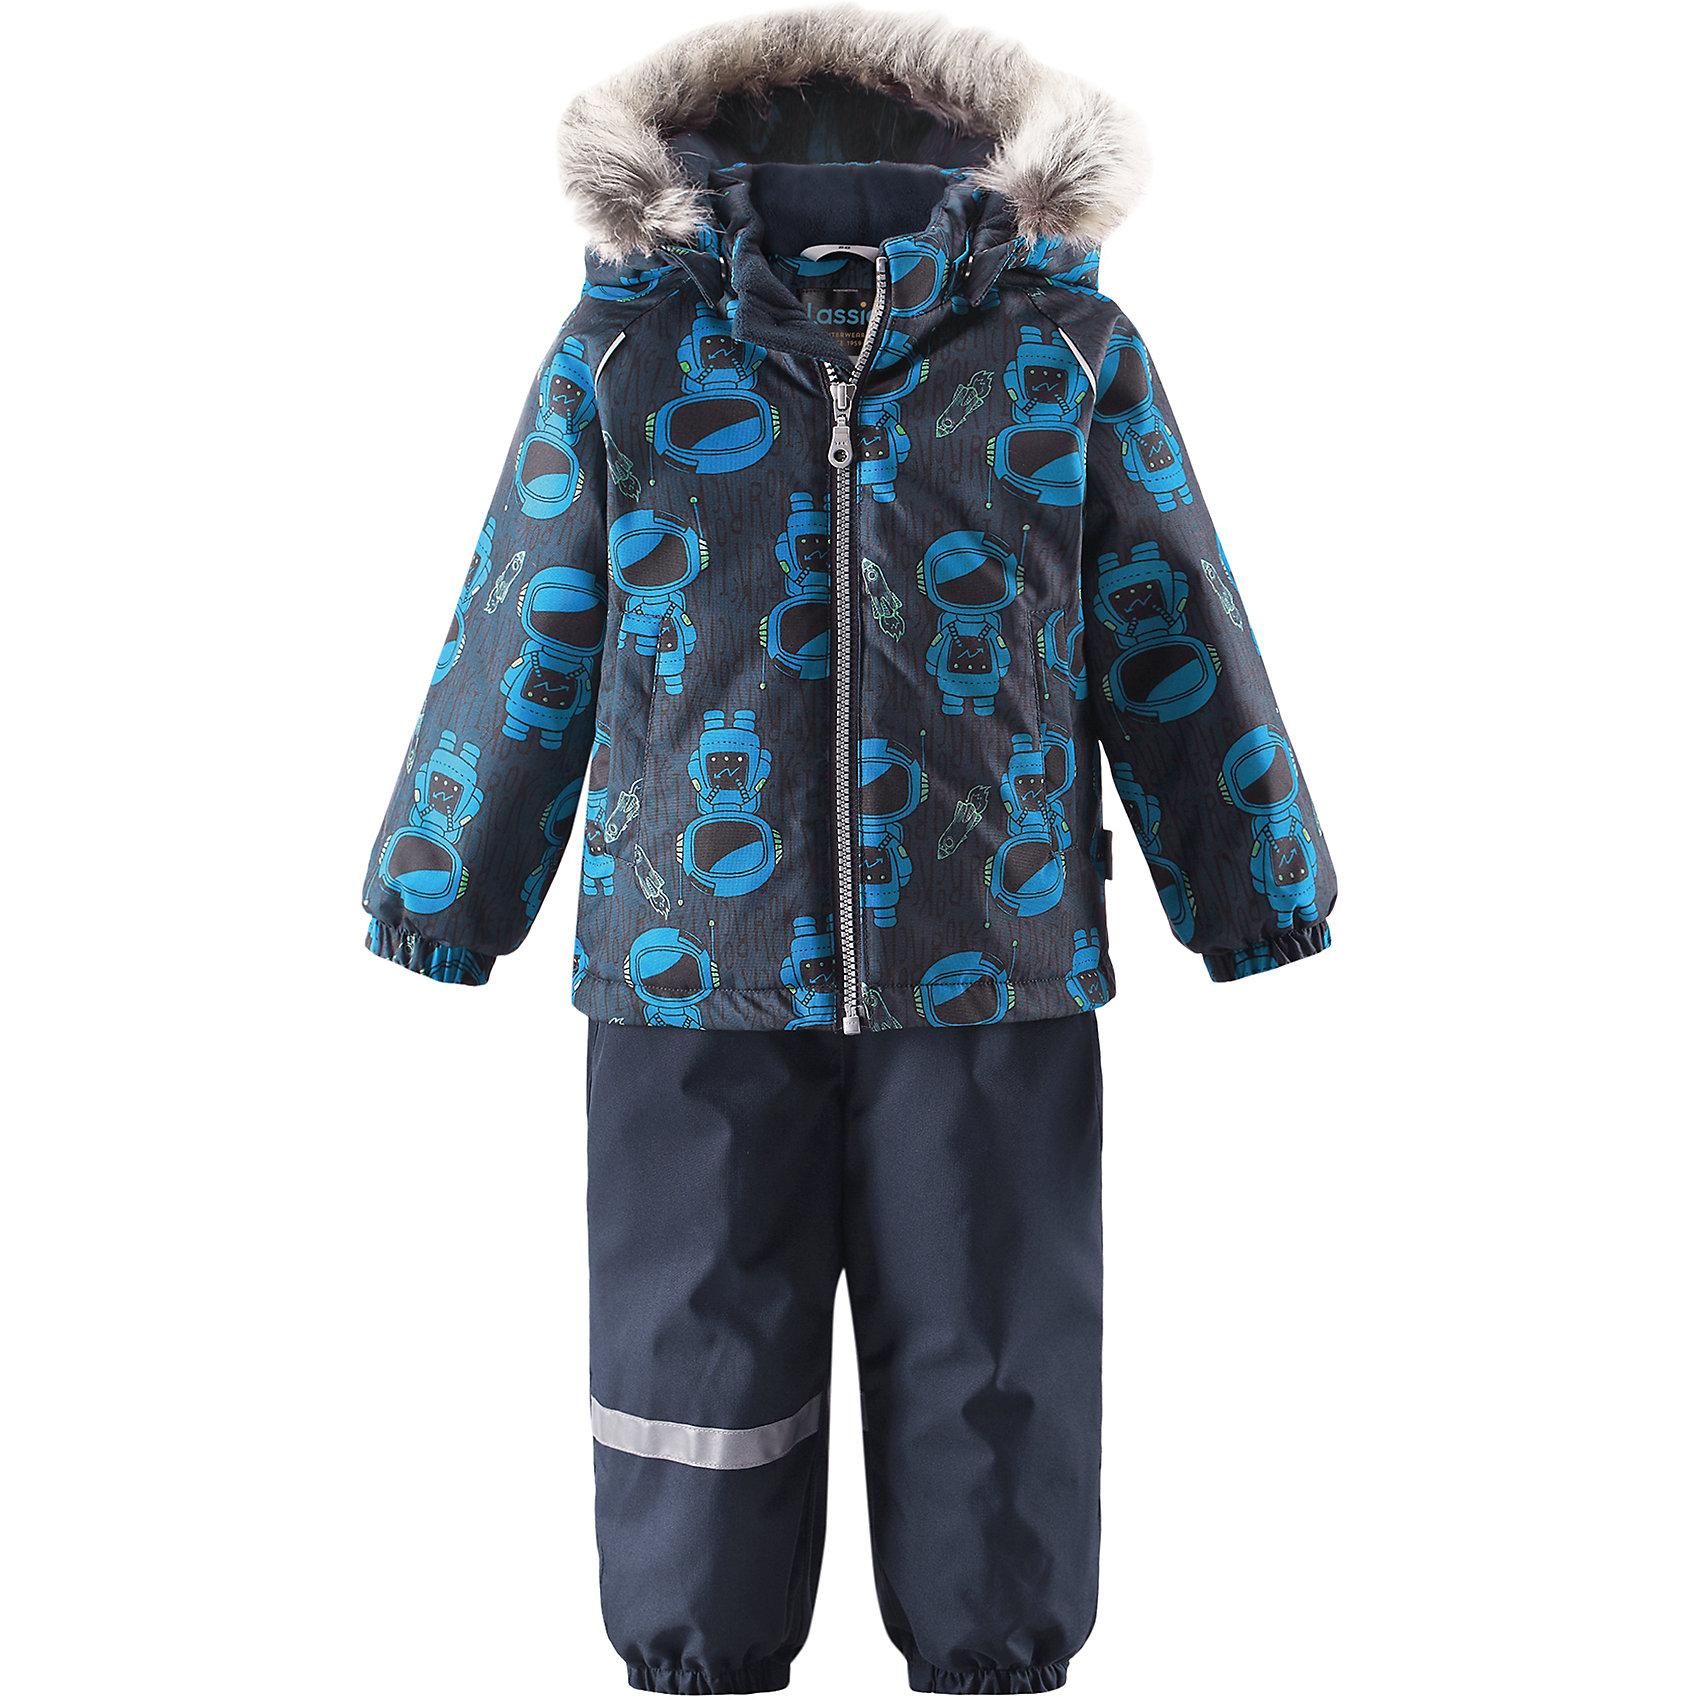 Комплект LassieОдежда<br>Характеристики товара:<br><br>• цвет: синий;<br>• состав: 100% полиэстер, полиуретановое покрытие;<br>• подкладка: 100% полиэстер;<br>• утеплитель: куртка 180 г/м2, брюки 140 г/м2;<br>• сезон: зима;<br>• температурный режим: от 0 до -20С;<br>• водонепроницаемость: 1000 мм;<br>• воздухопроницаемость: 1000 мм;<br>• износостойкость: 50000 циклов (тест Мартиндейла)<br>• застежка: молния с защитой подбородка, молния сбоку у брюк;<br>• водоотталкивающий, ветронепроницаемый и дышащий материал;<br>• сверхпрочный материал;<br>• задний серединный шов брюк проклеен;<br>• гладкая подкладка из полиэстера;<br>• безопасный съемный капюшон;<br>• съемный искусственный мех на капюшоне;<br>• эластичные манжеты;<br>• регулируемый подол;<br>• эластичные штанины;<br>• съемные эластичные штрипки;<br>• два прорезных кармана;<br>• регулируемые эластичные подтяжки;<br>• светоотражающие детали;<br>• страна бренда: Финляндия;<br>• страна изготовитель: Китай;<br><br>Этот красивый зимний комплект для малышей исполнен волшебного духа зимы, а еще он очень практичный! Комплект изготовлен из прочного, ветронепроницаемого и дышащего материала с верхним водо- и грязеотталкивающим слоем, он обеспечивает полный комфорт во время веселых прогулок. Безопасный съемный капюшон украшает стильная оторочка из искусственного меха, а регулируемый подол позволяет откорректировать куртку идеально по фигуре. Обратите внимание на удобные съемные штрипки, за счет которых брюки не будут задираться, и съемные регулируемые подтяжки – брюки не будут спадать, как ни бегай!<br><br>Комплект Lassie (Ласси) можно купить в нашем интернет-магазине.<br><br>Ширина мм: 356<br>Глубина мм: 10<br>Высота мм: 245<br>Вес г: 519<br>Цвет: синий<br>Возраст от месяцев: 24<br>Возраст до месяцев: 36<br>Пол: Унисекс<br>Возраст: Детский<br>Размер: 98,74,80,86,92<br>SKU: 6905434